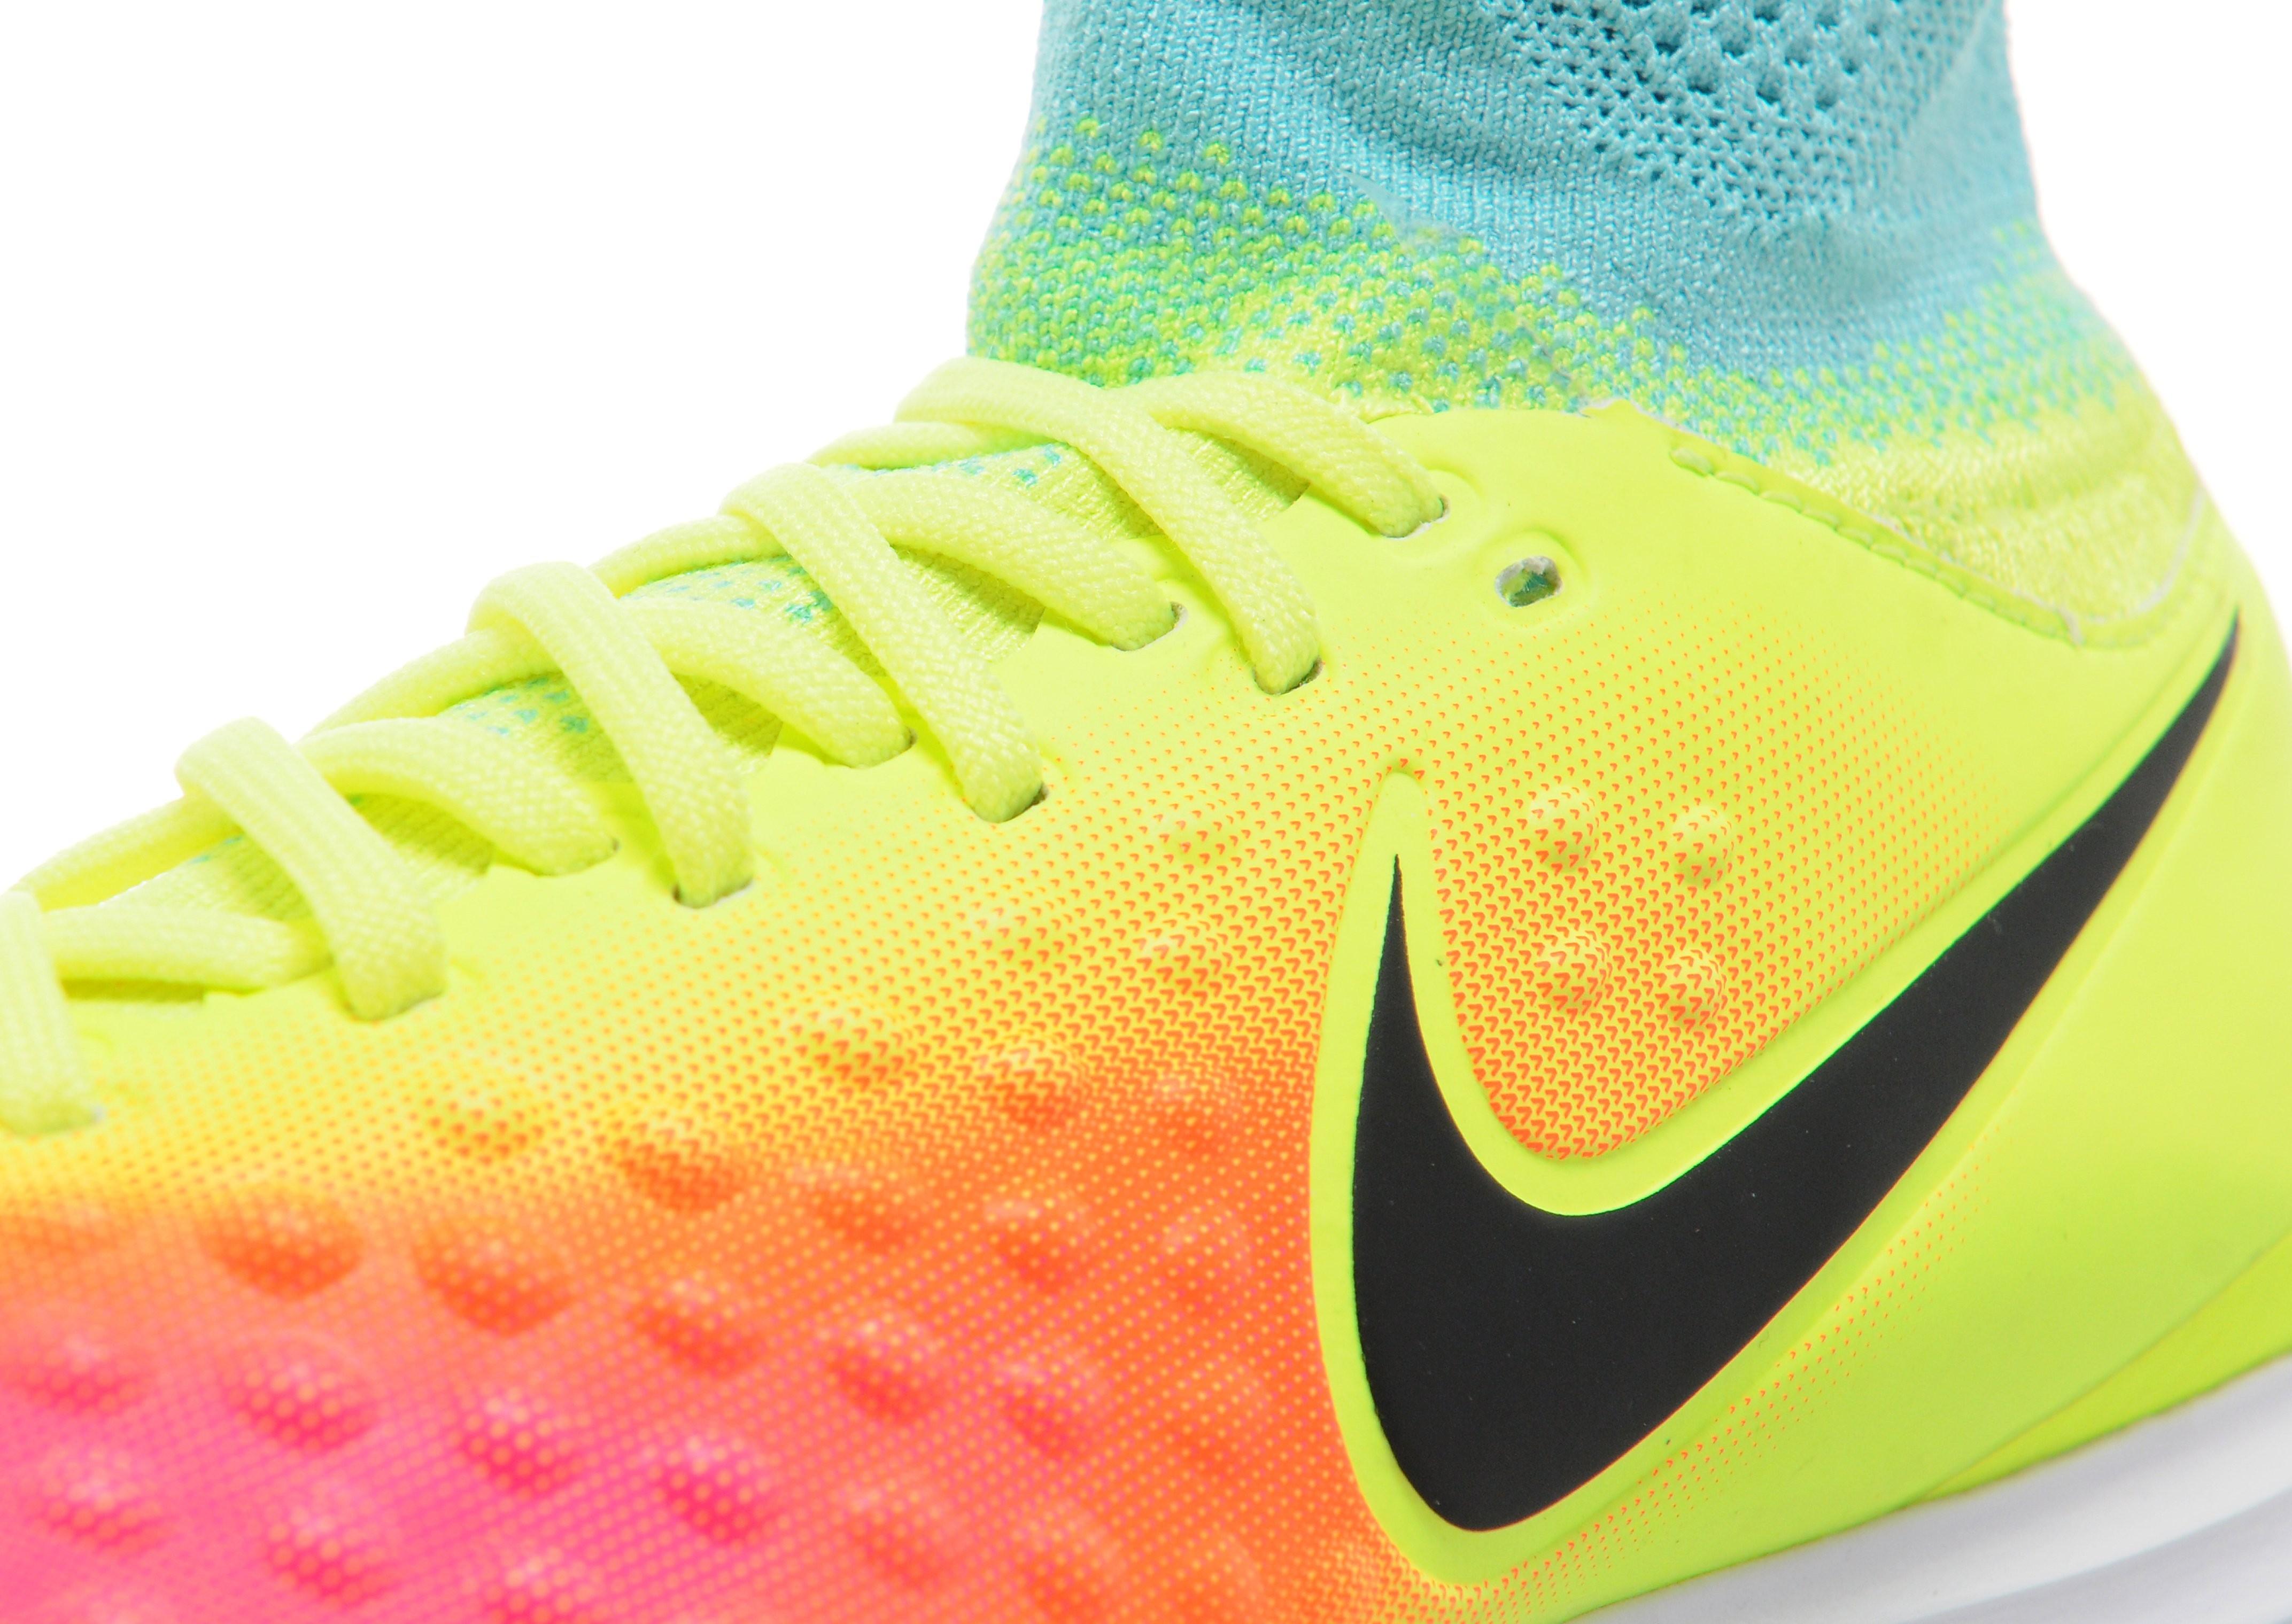 Nike MagistaX Proximo II Turf Junior